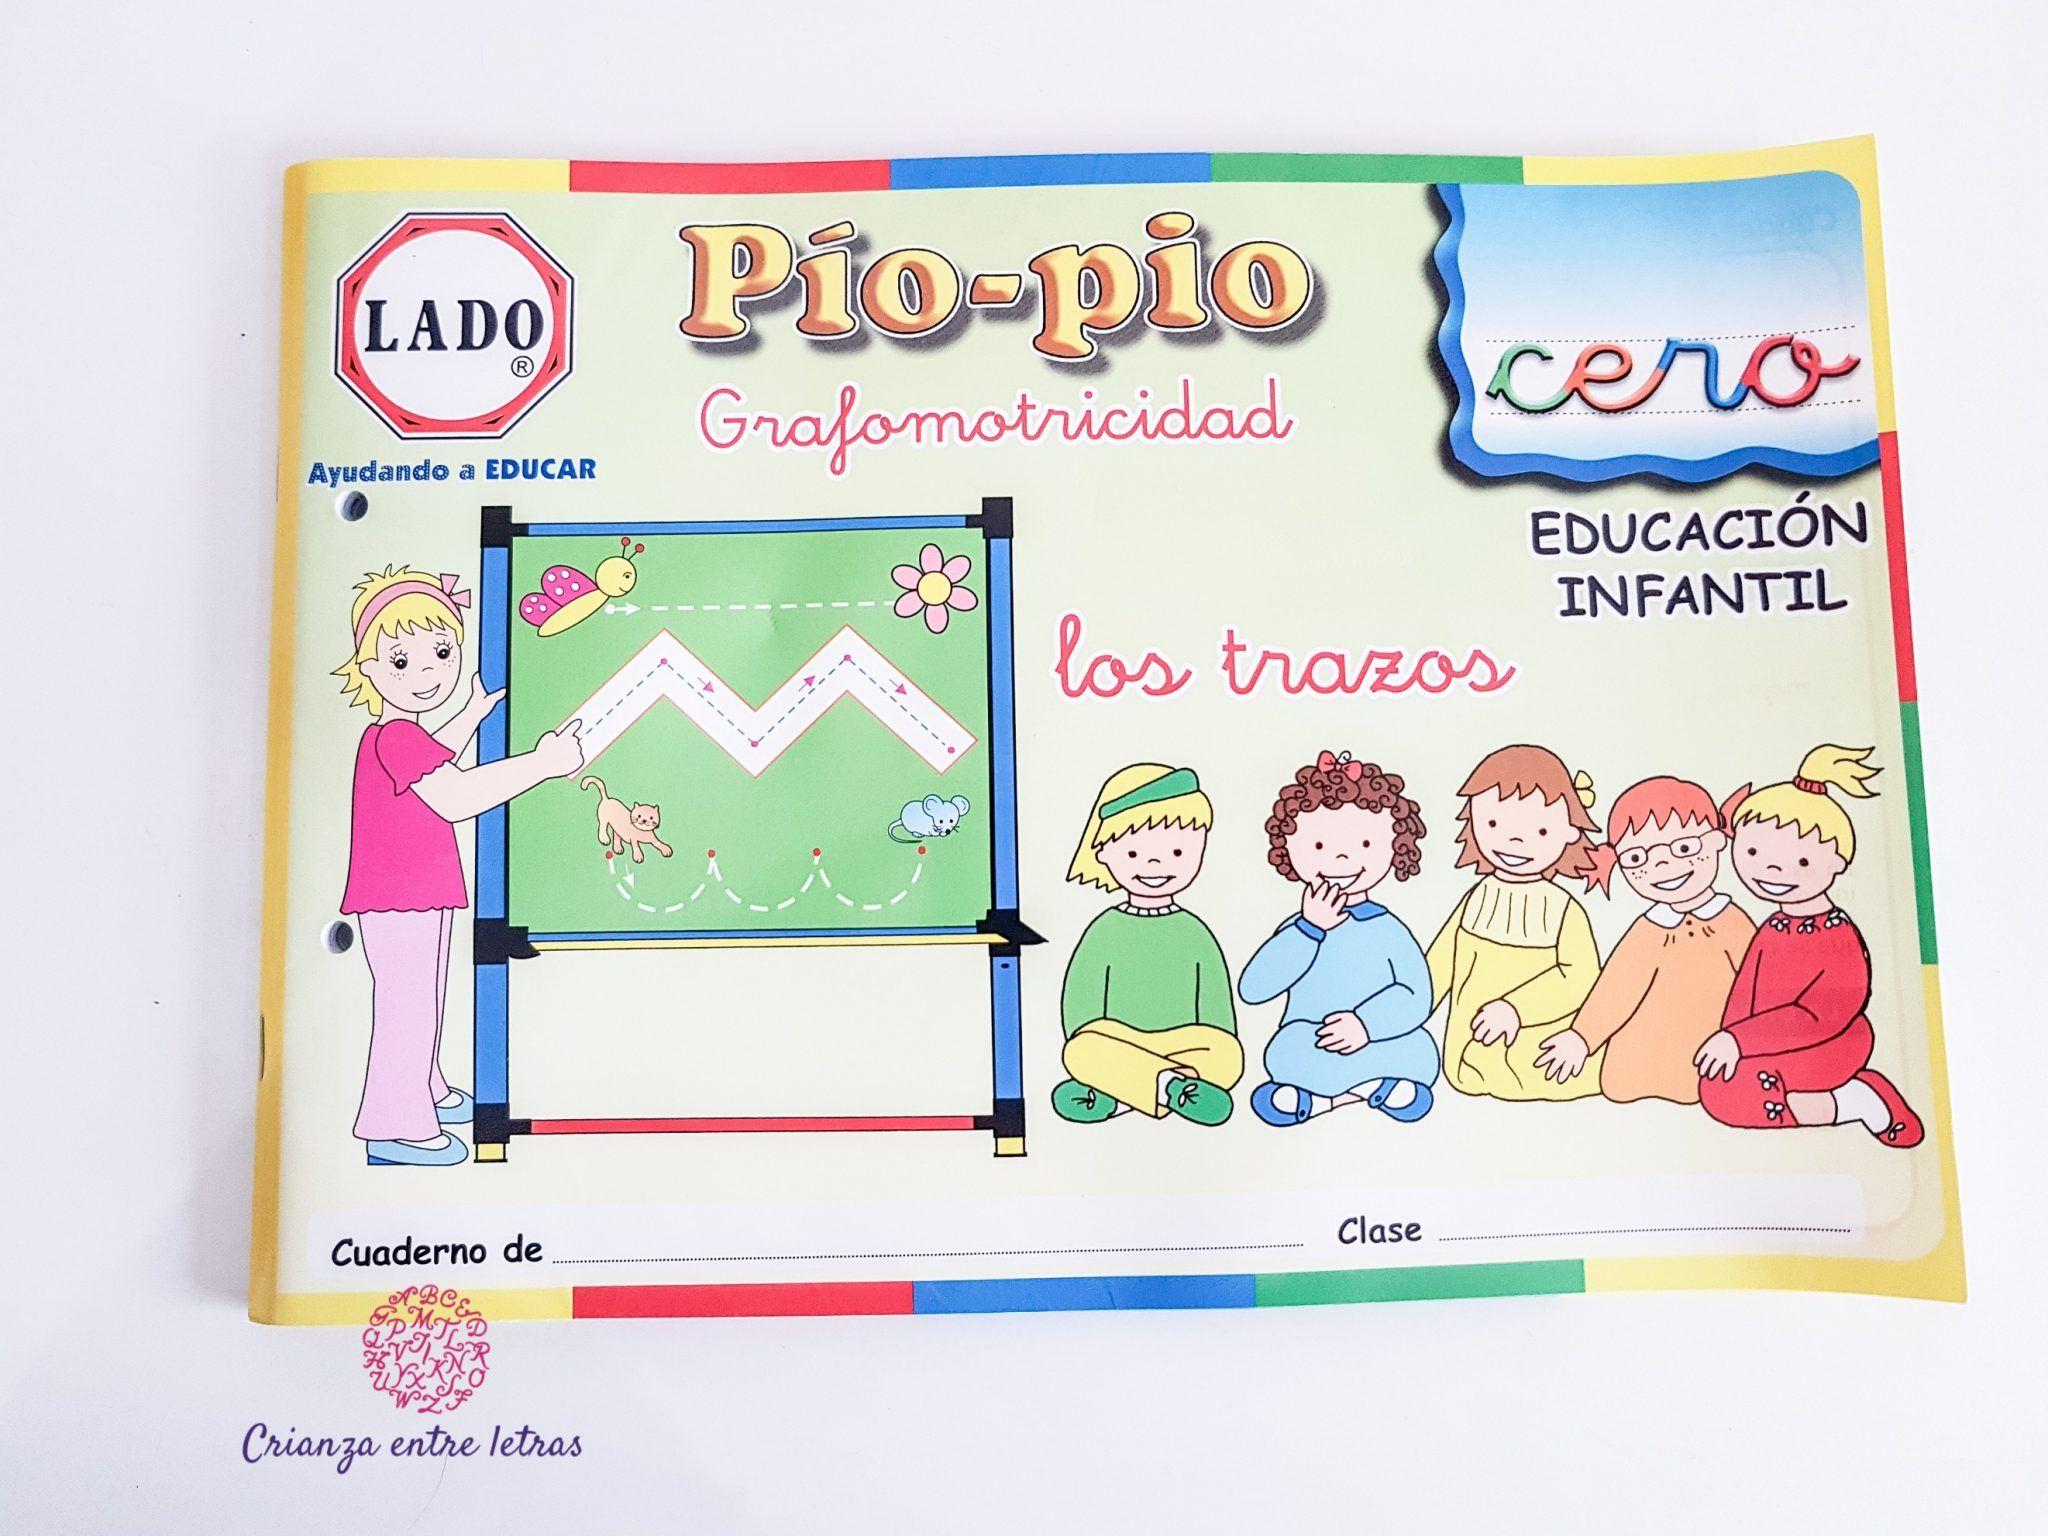 Trabajamos Grafomotricidad con Pío-Pío de Lado